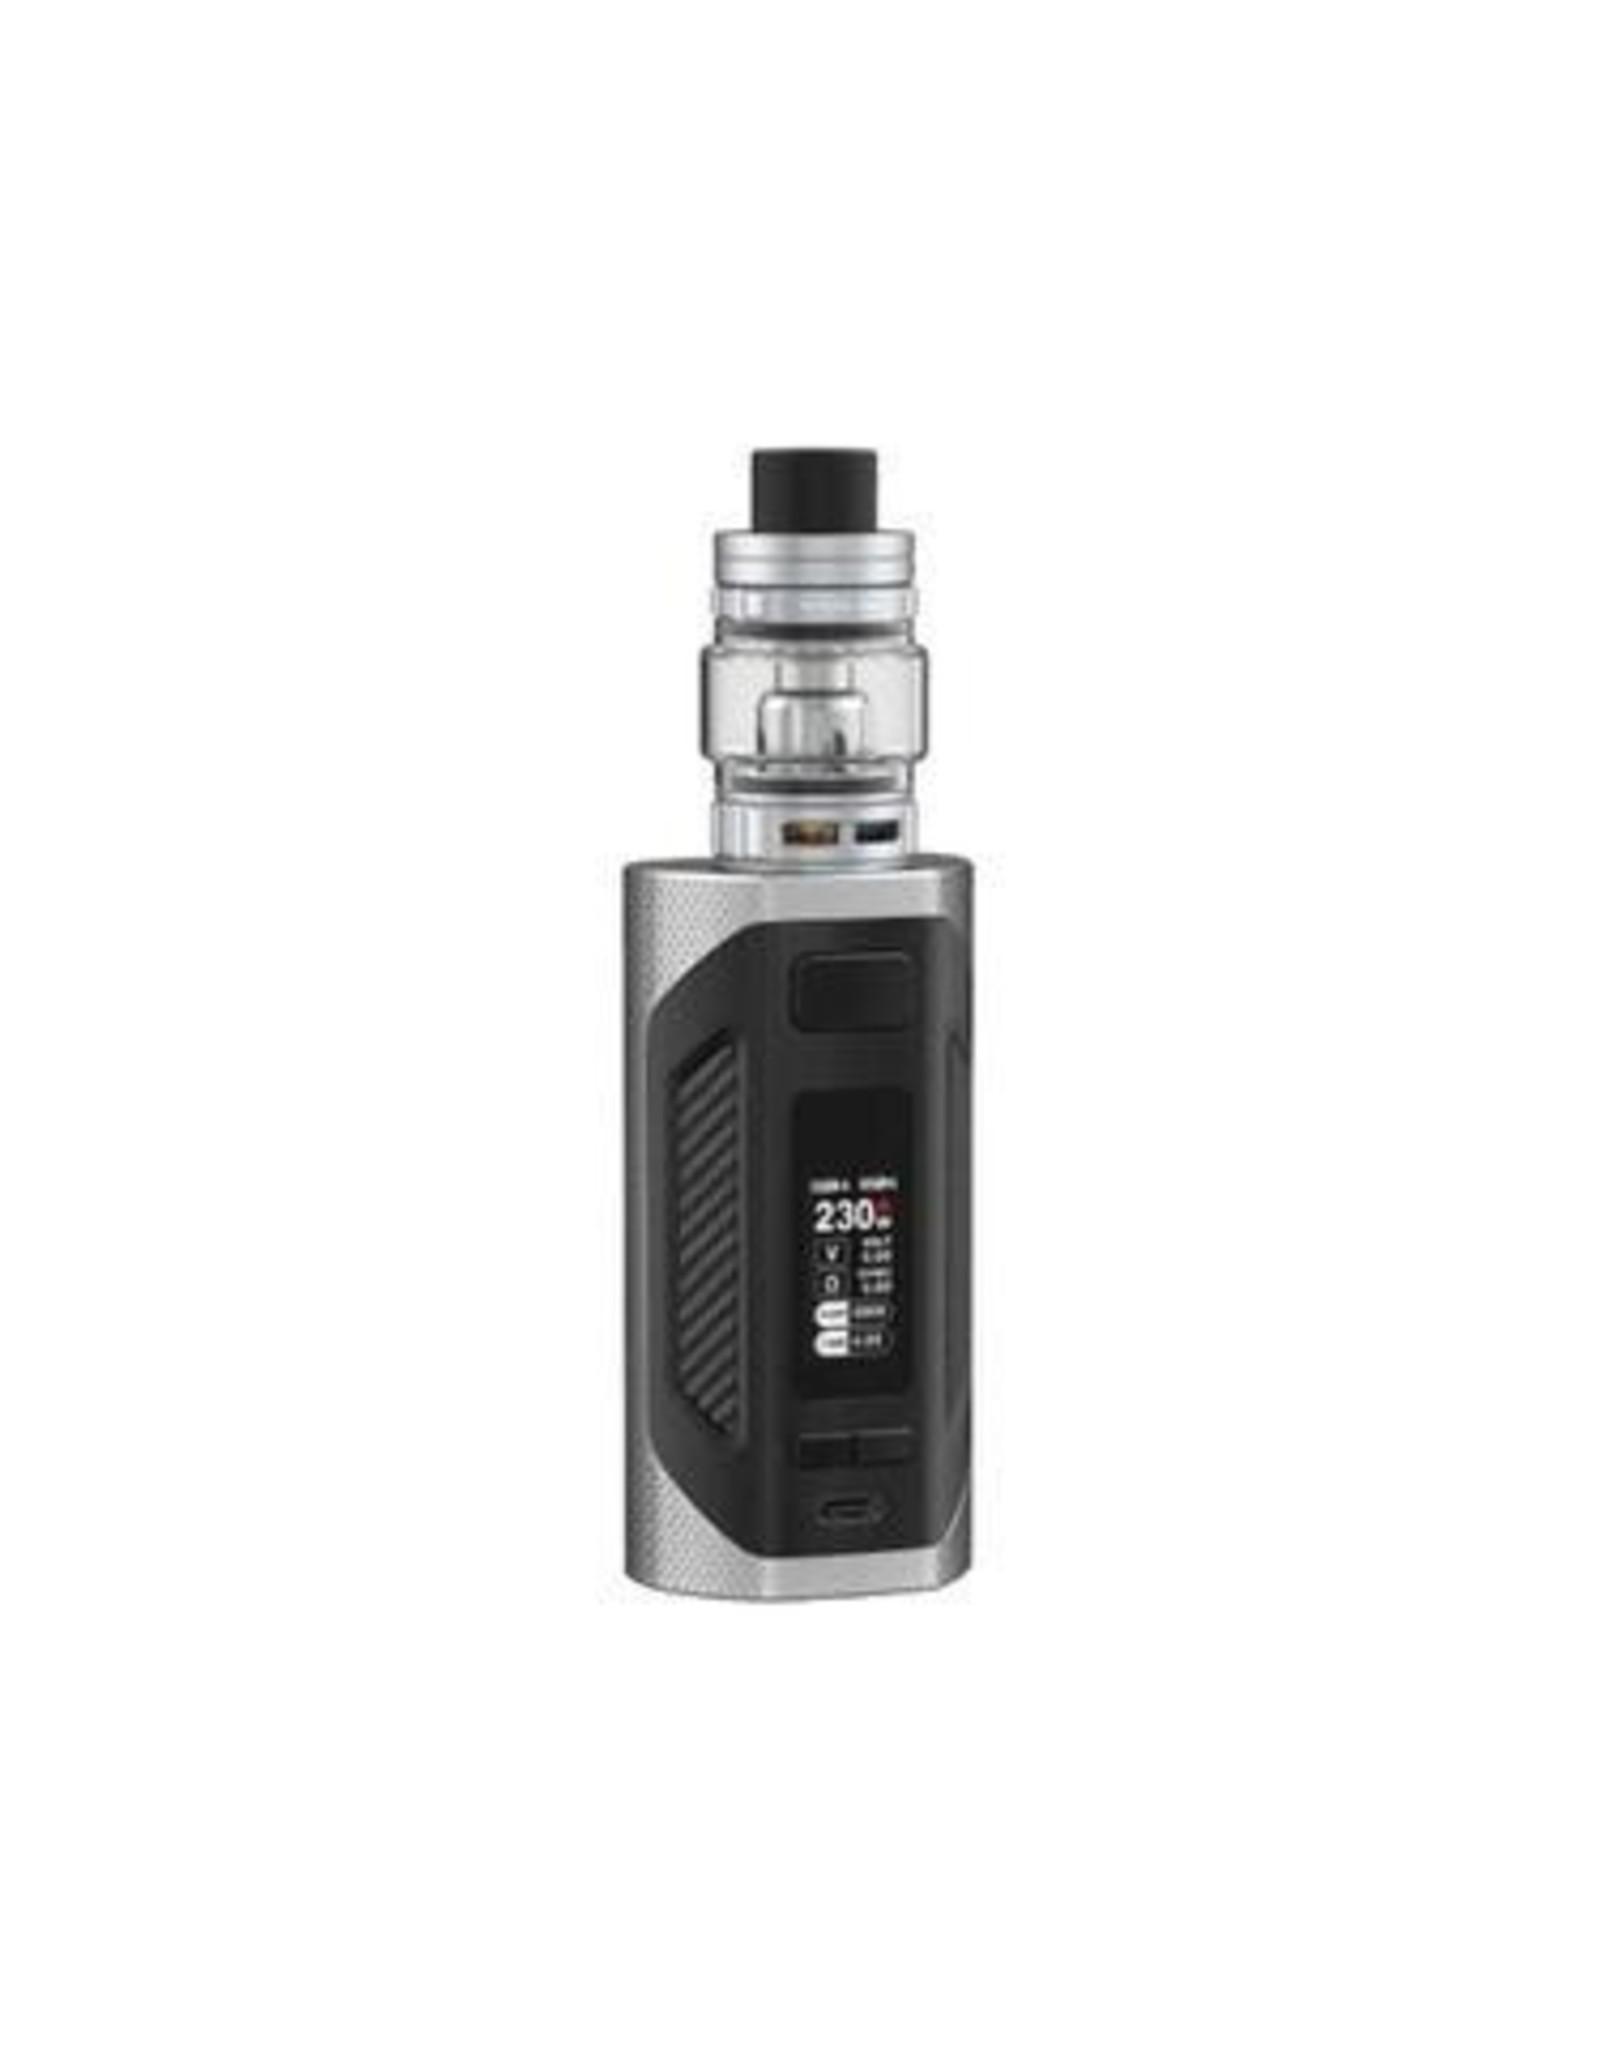 smok SMOK RIGEL 230W Starter Kit